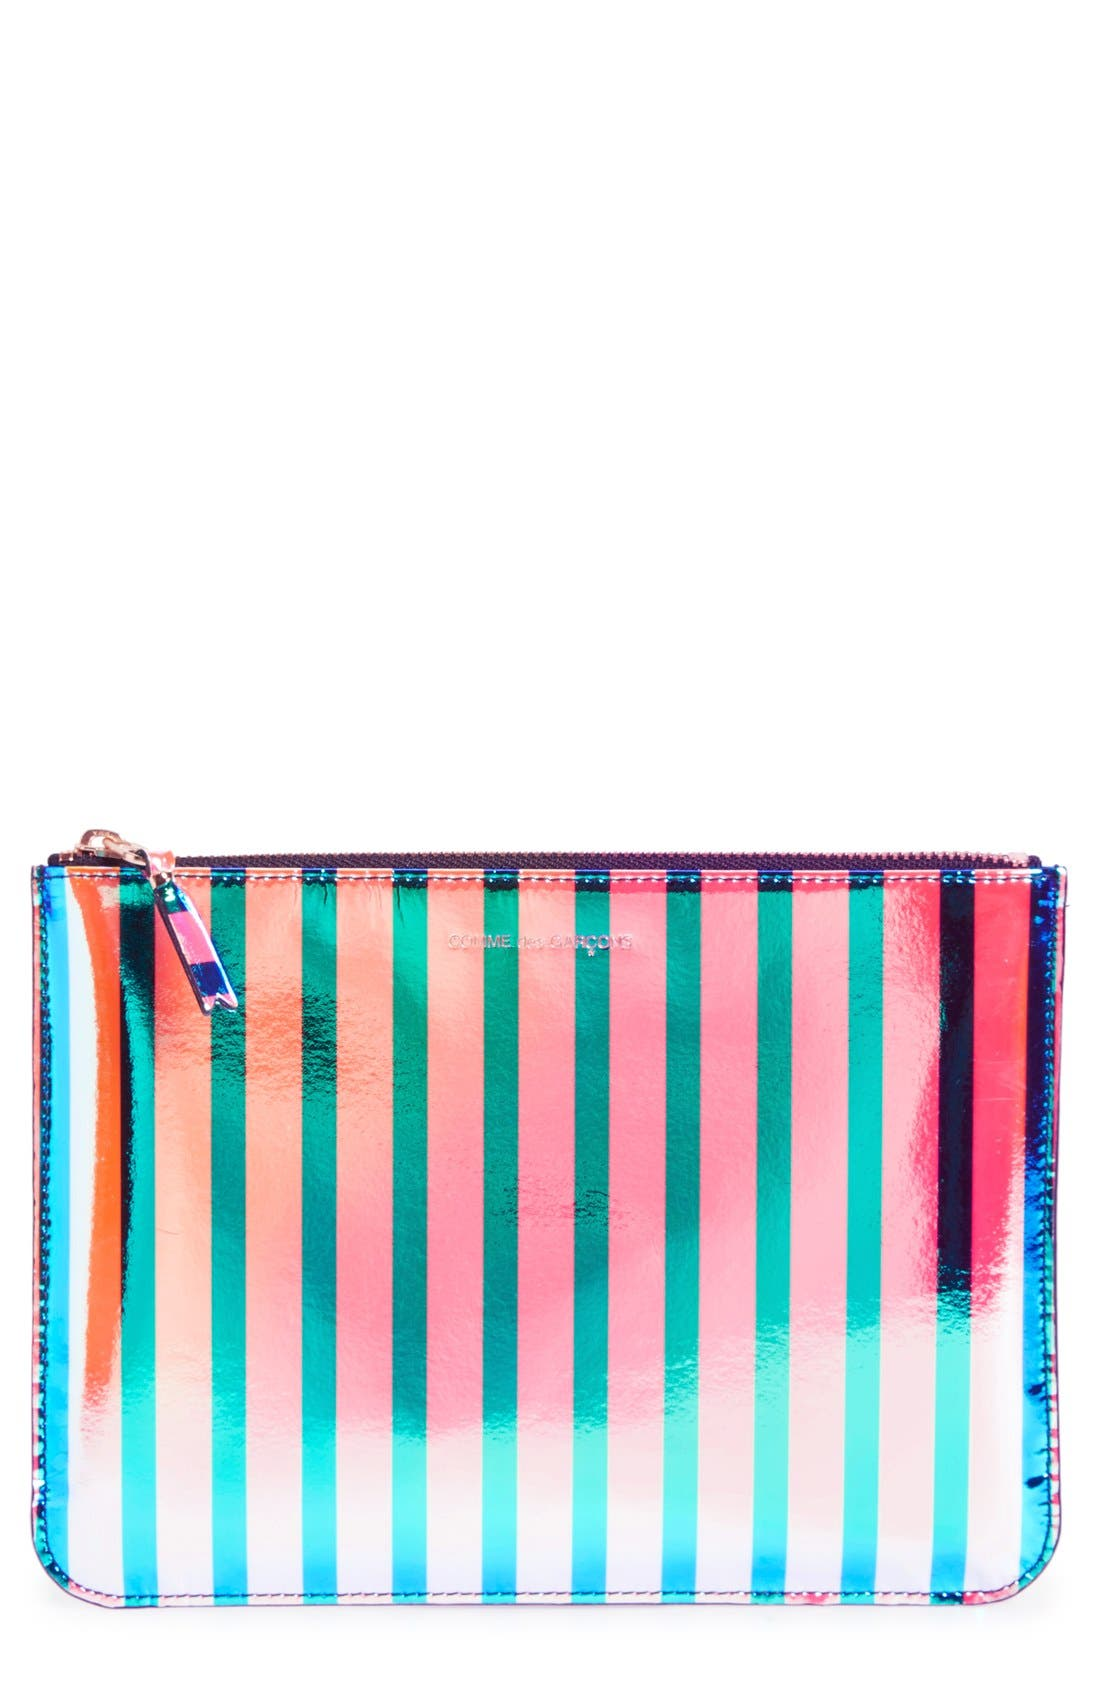 COMME DES GARÇONS, 'Crazy Stripes' Leather Pouch, Main thumbnail 1, color, 650